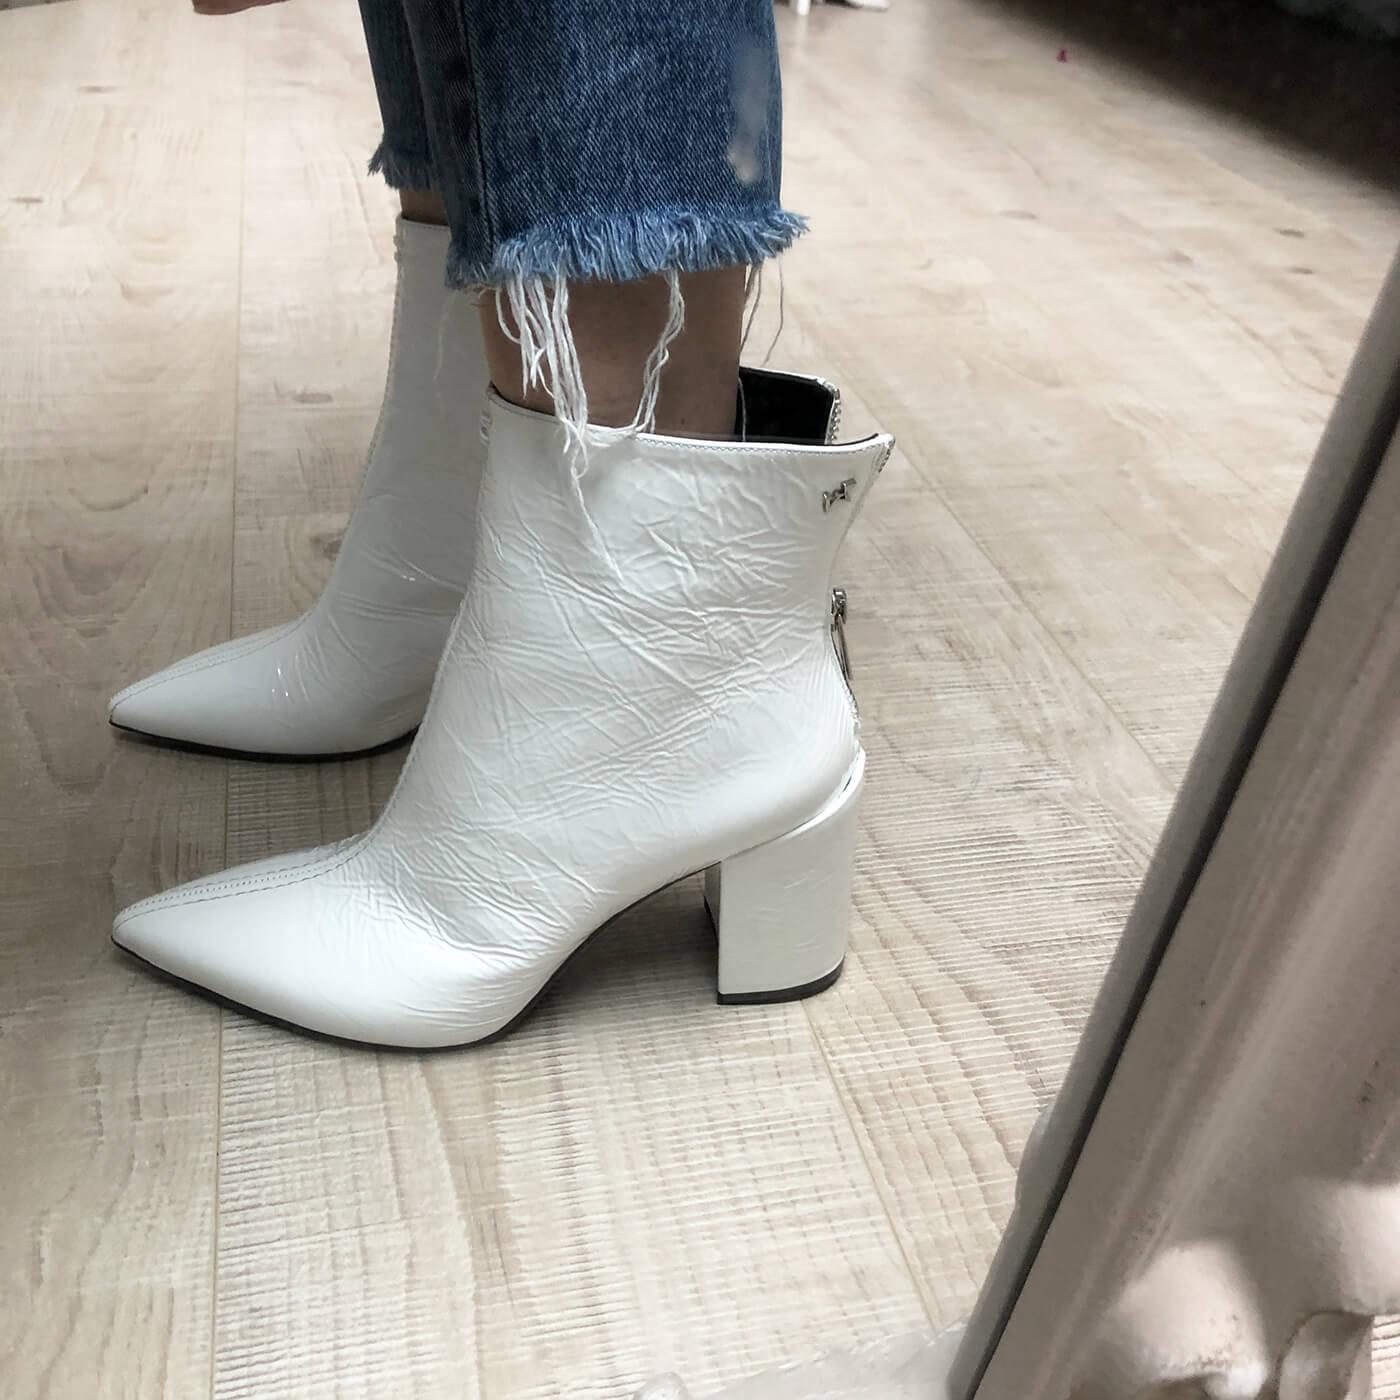 Garde-robe minimliste le rôle des chaussures